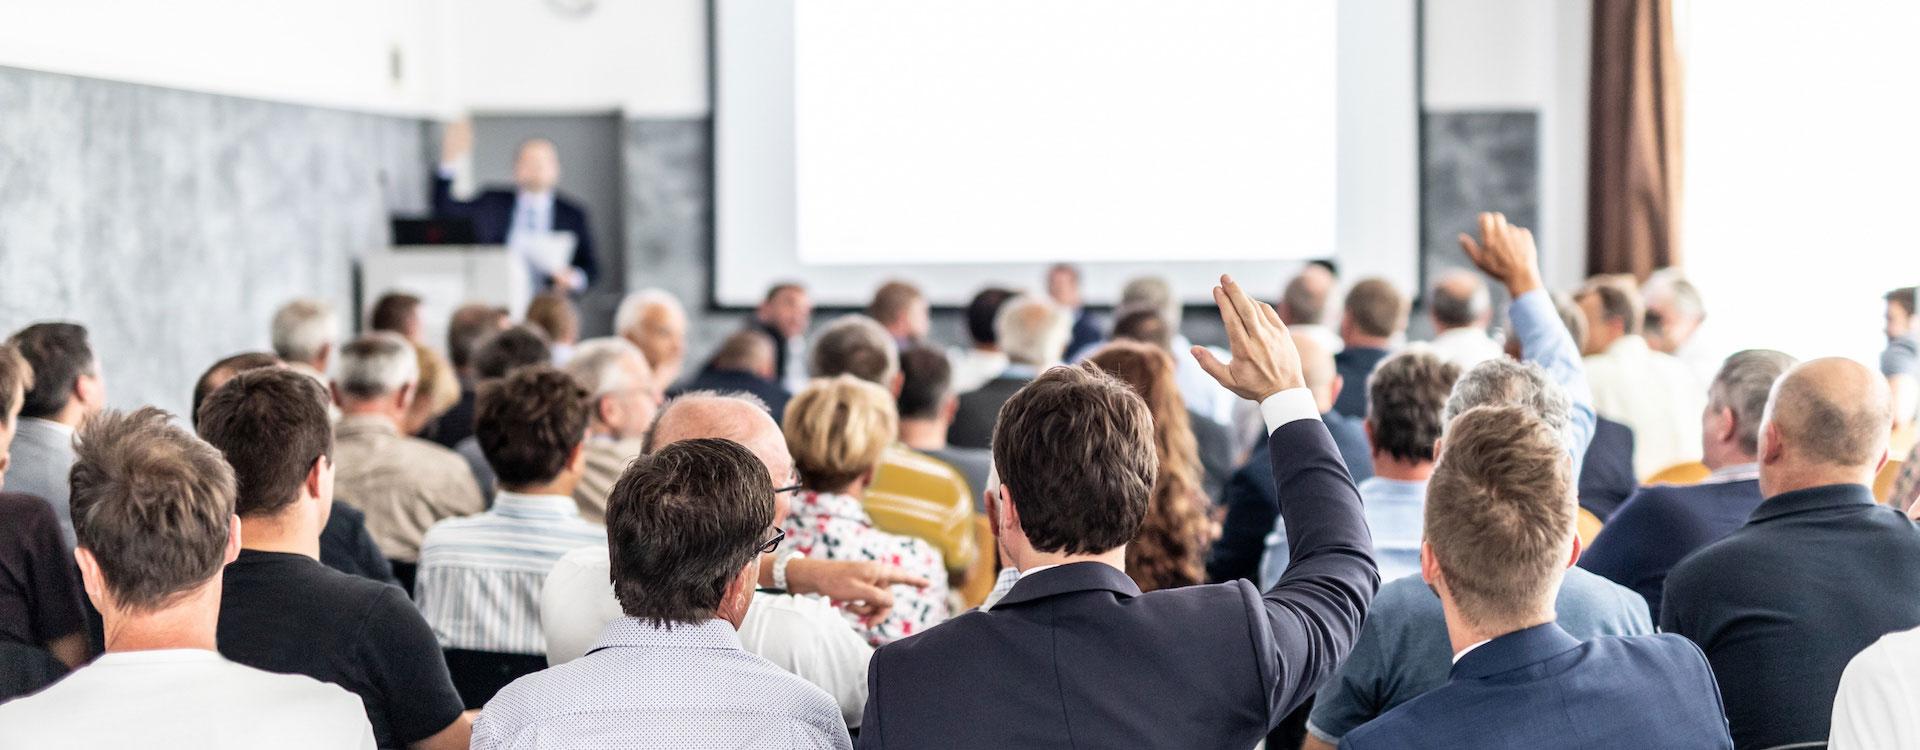 Teilnehmer im Seminar erarbeiten sich einen Wettbewerbsvorteil